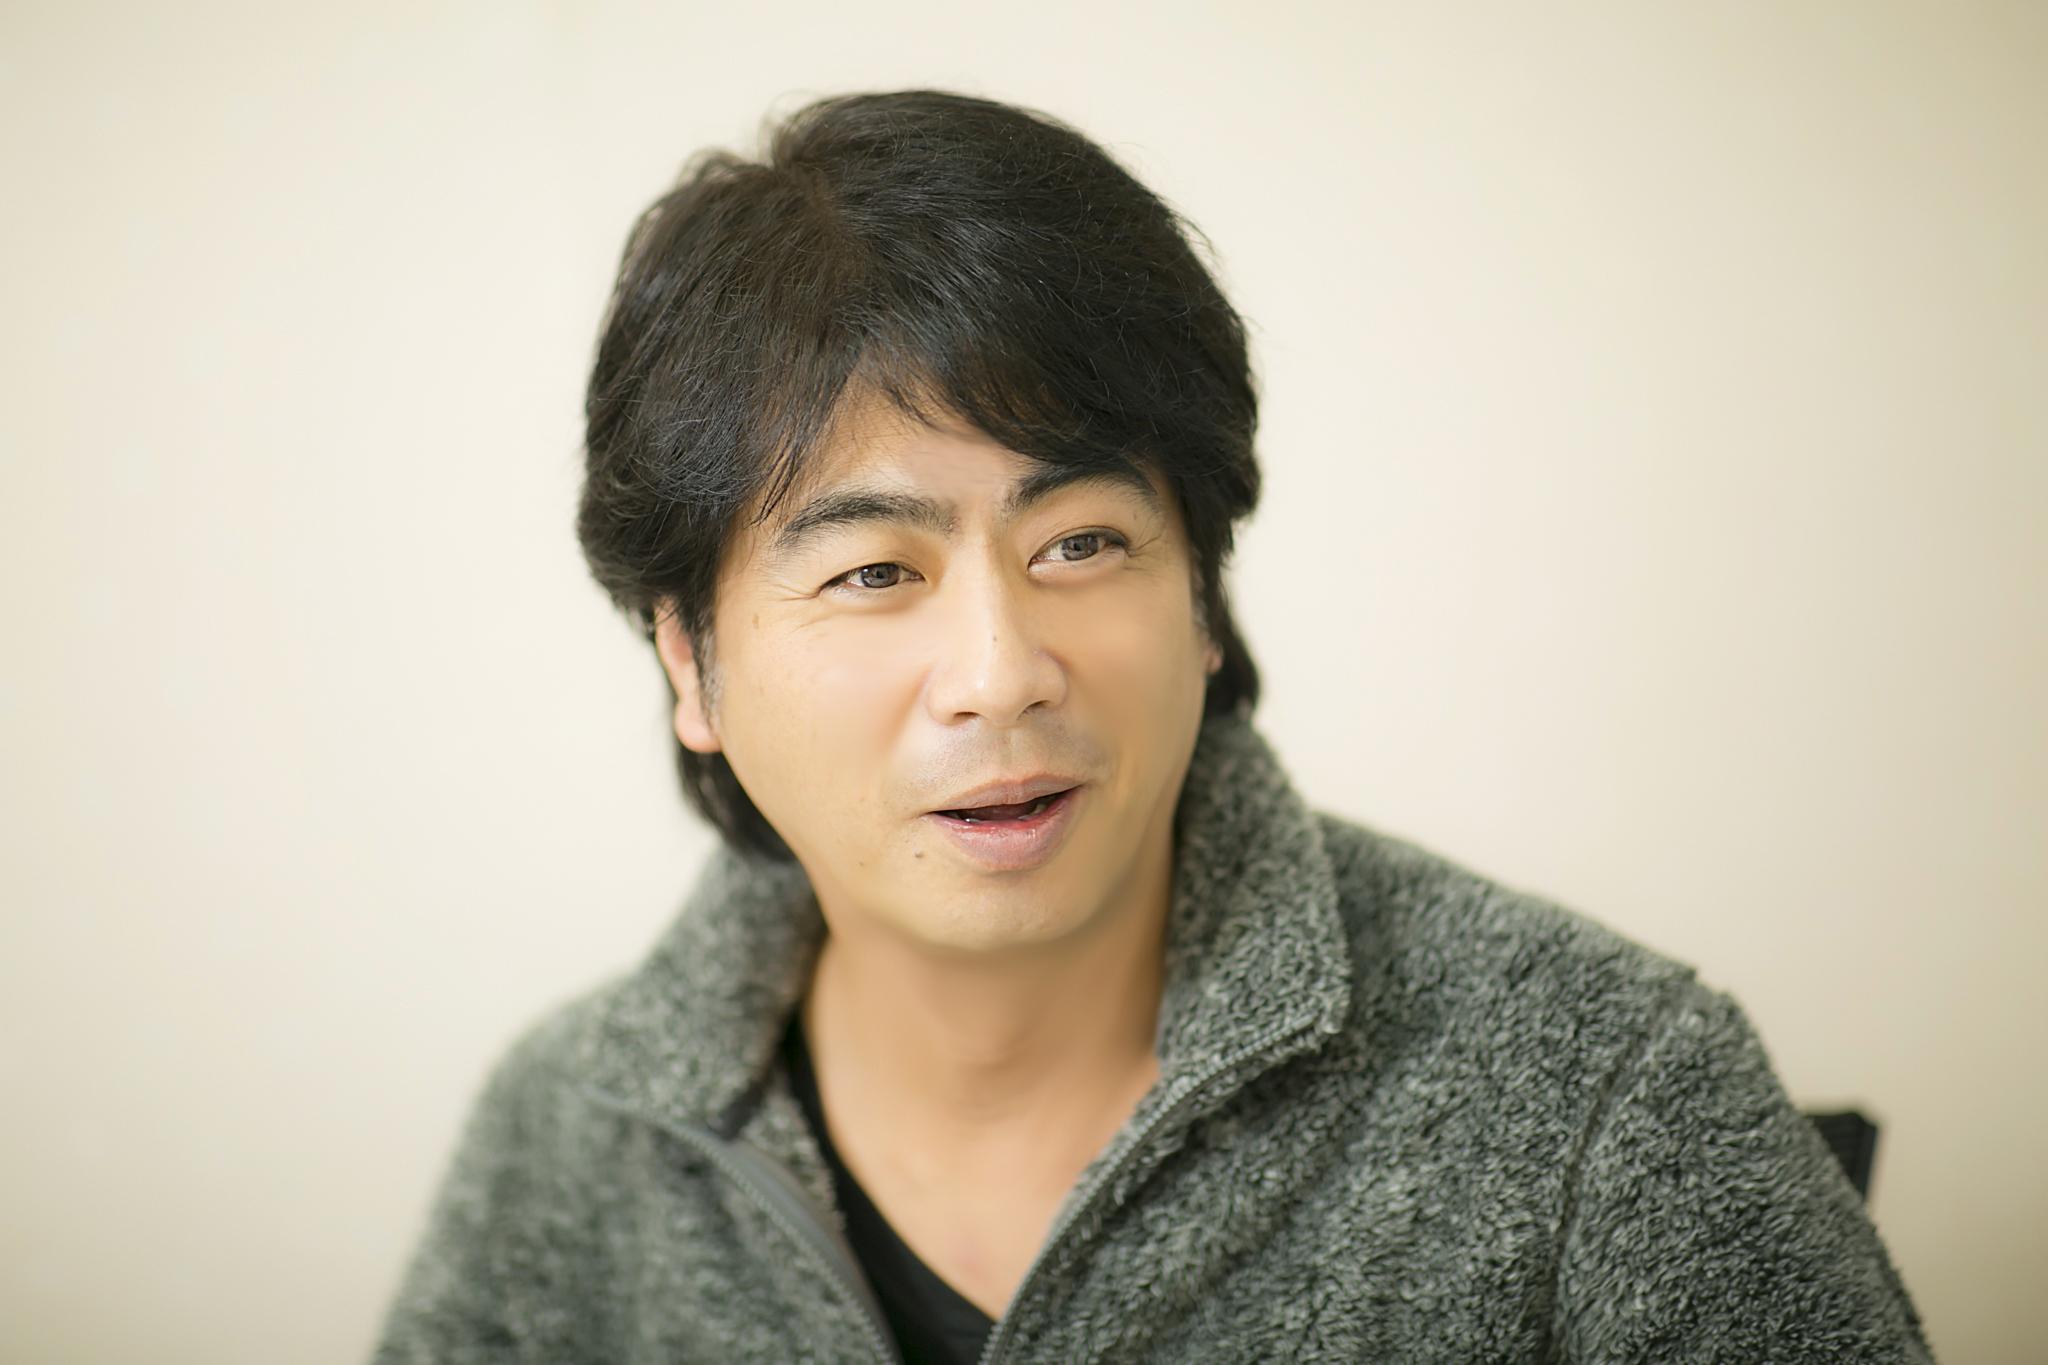 関口知宏さんインタビュー画像